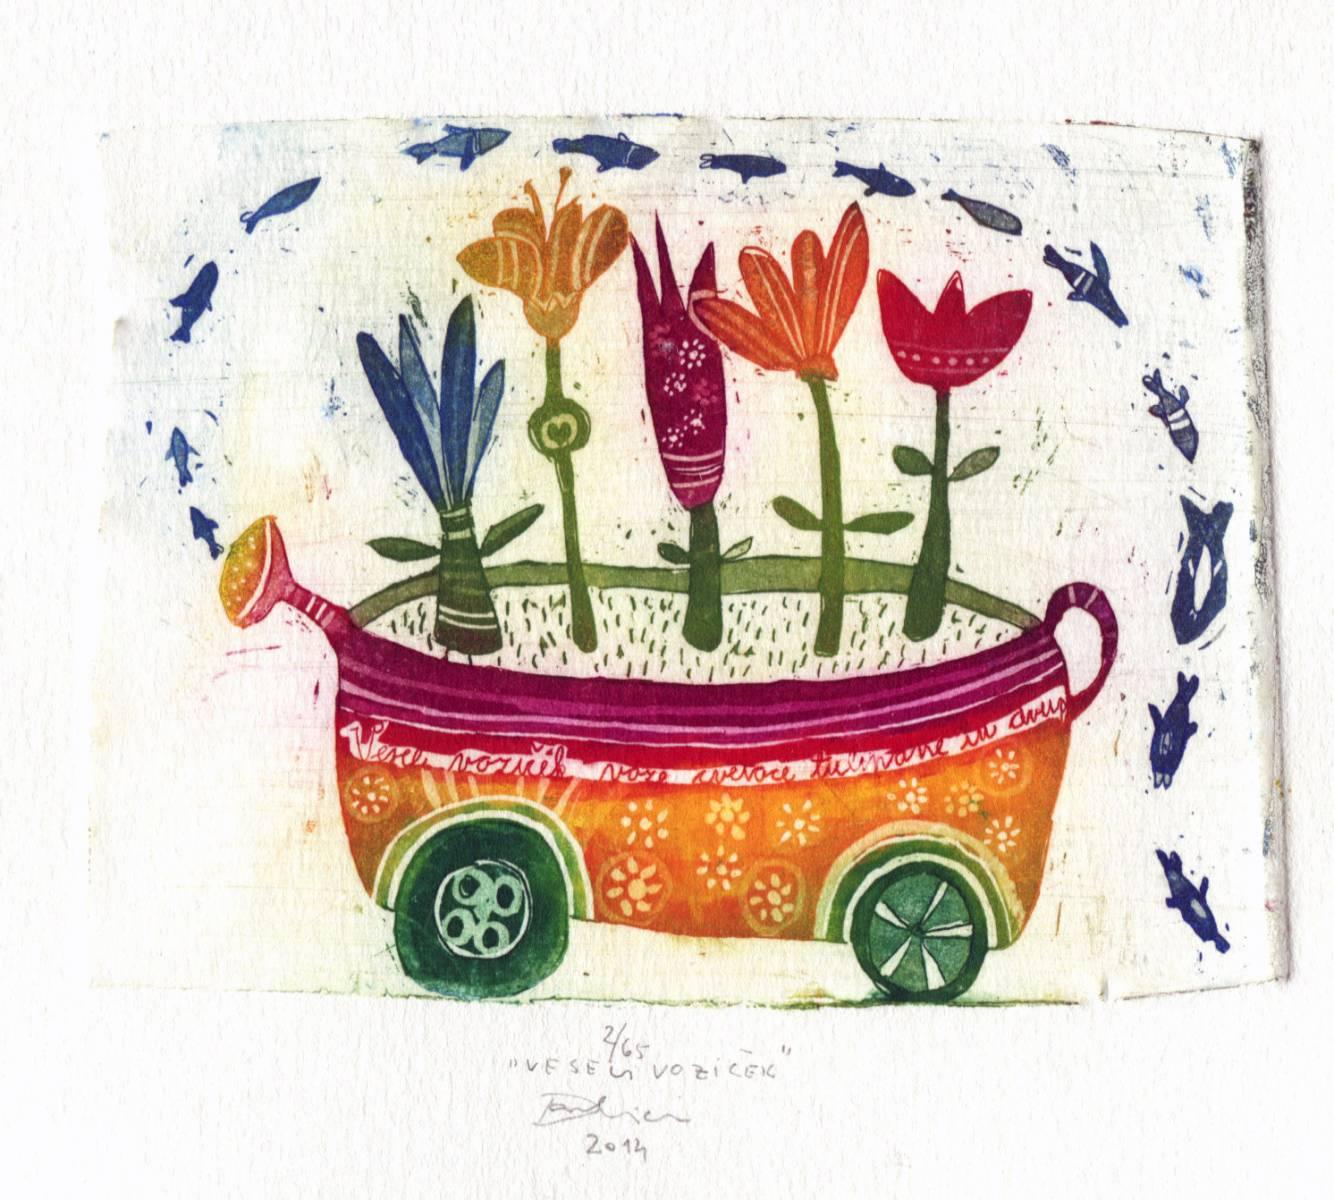 Veseli voziček, 8,5 x 11,5 cm, 2014, cena 30 eur